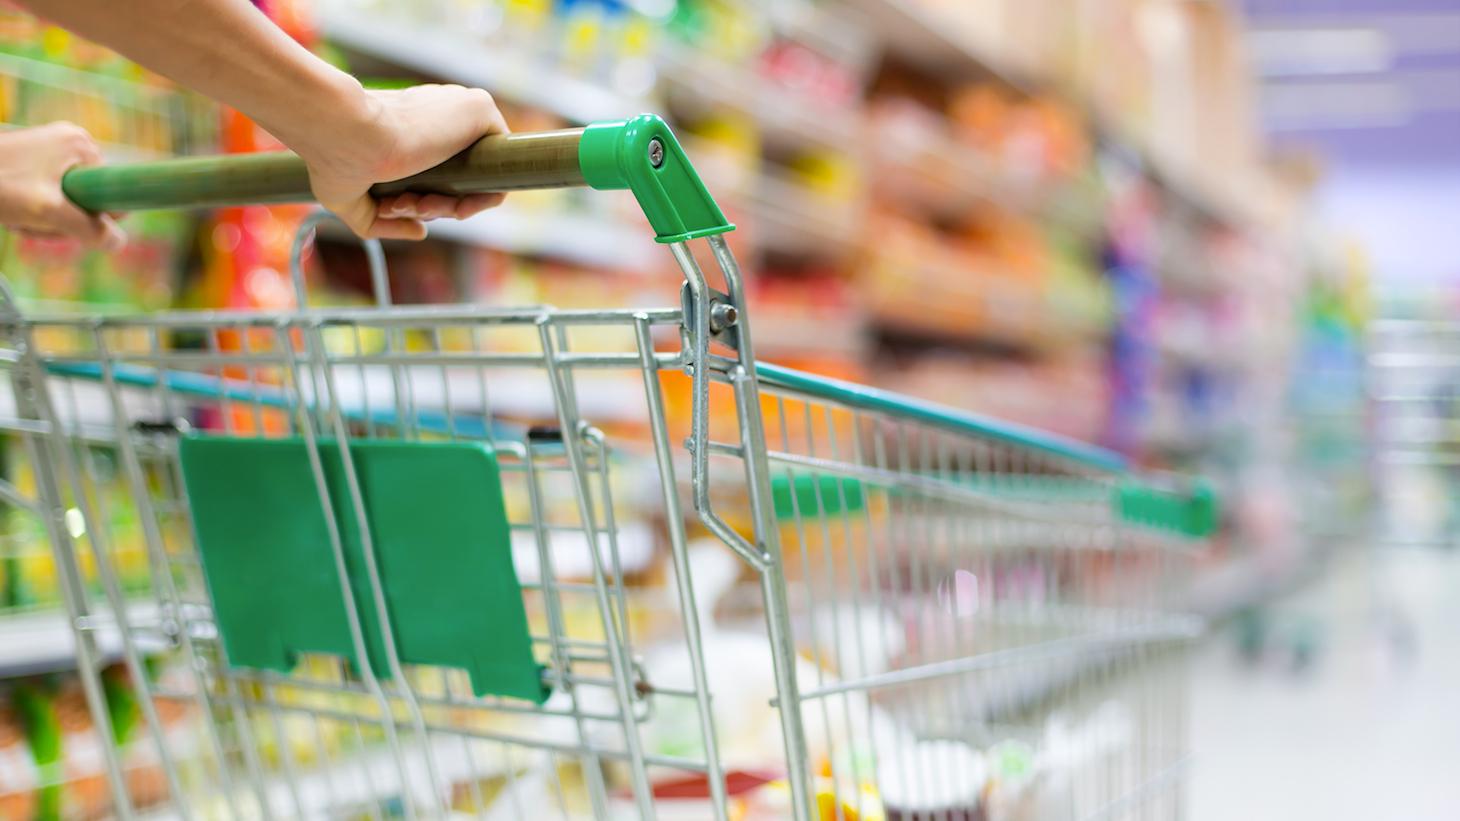 Πασχαλινό ωράριο: Ανοικτά τα σούπερ μάρκετ την Κυριακή